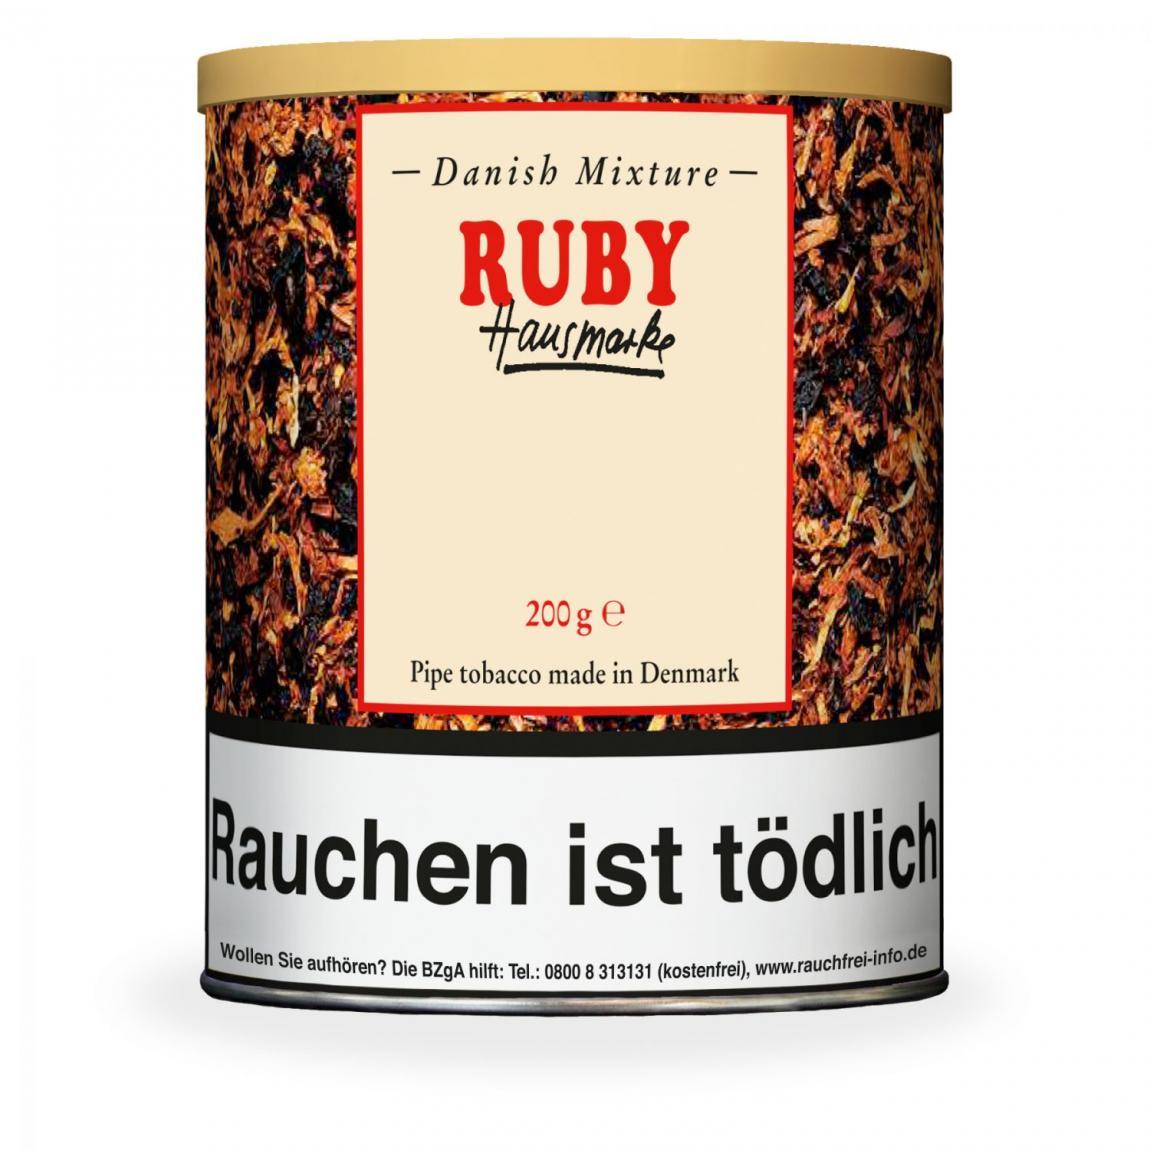 Hausmarke »Danish Mixture Ruby« 200g Dose